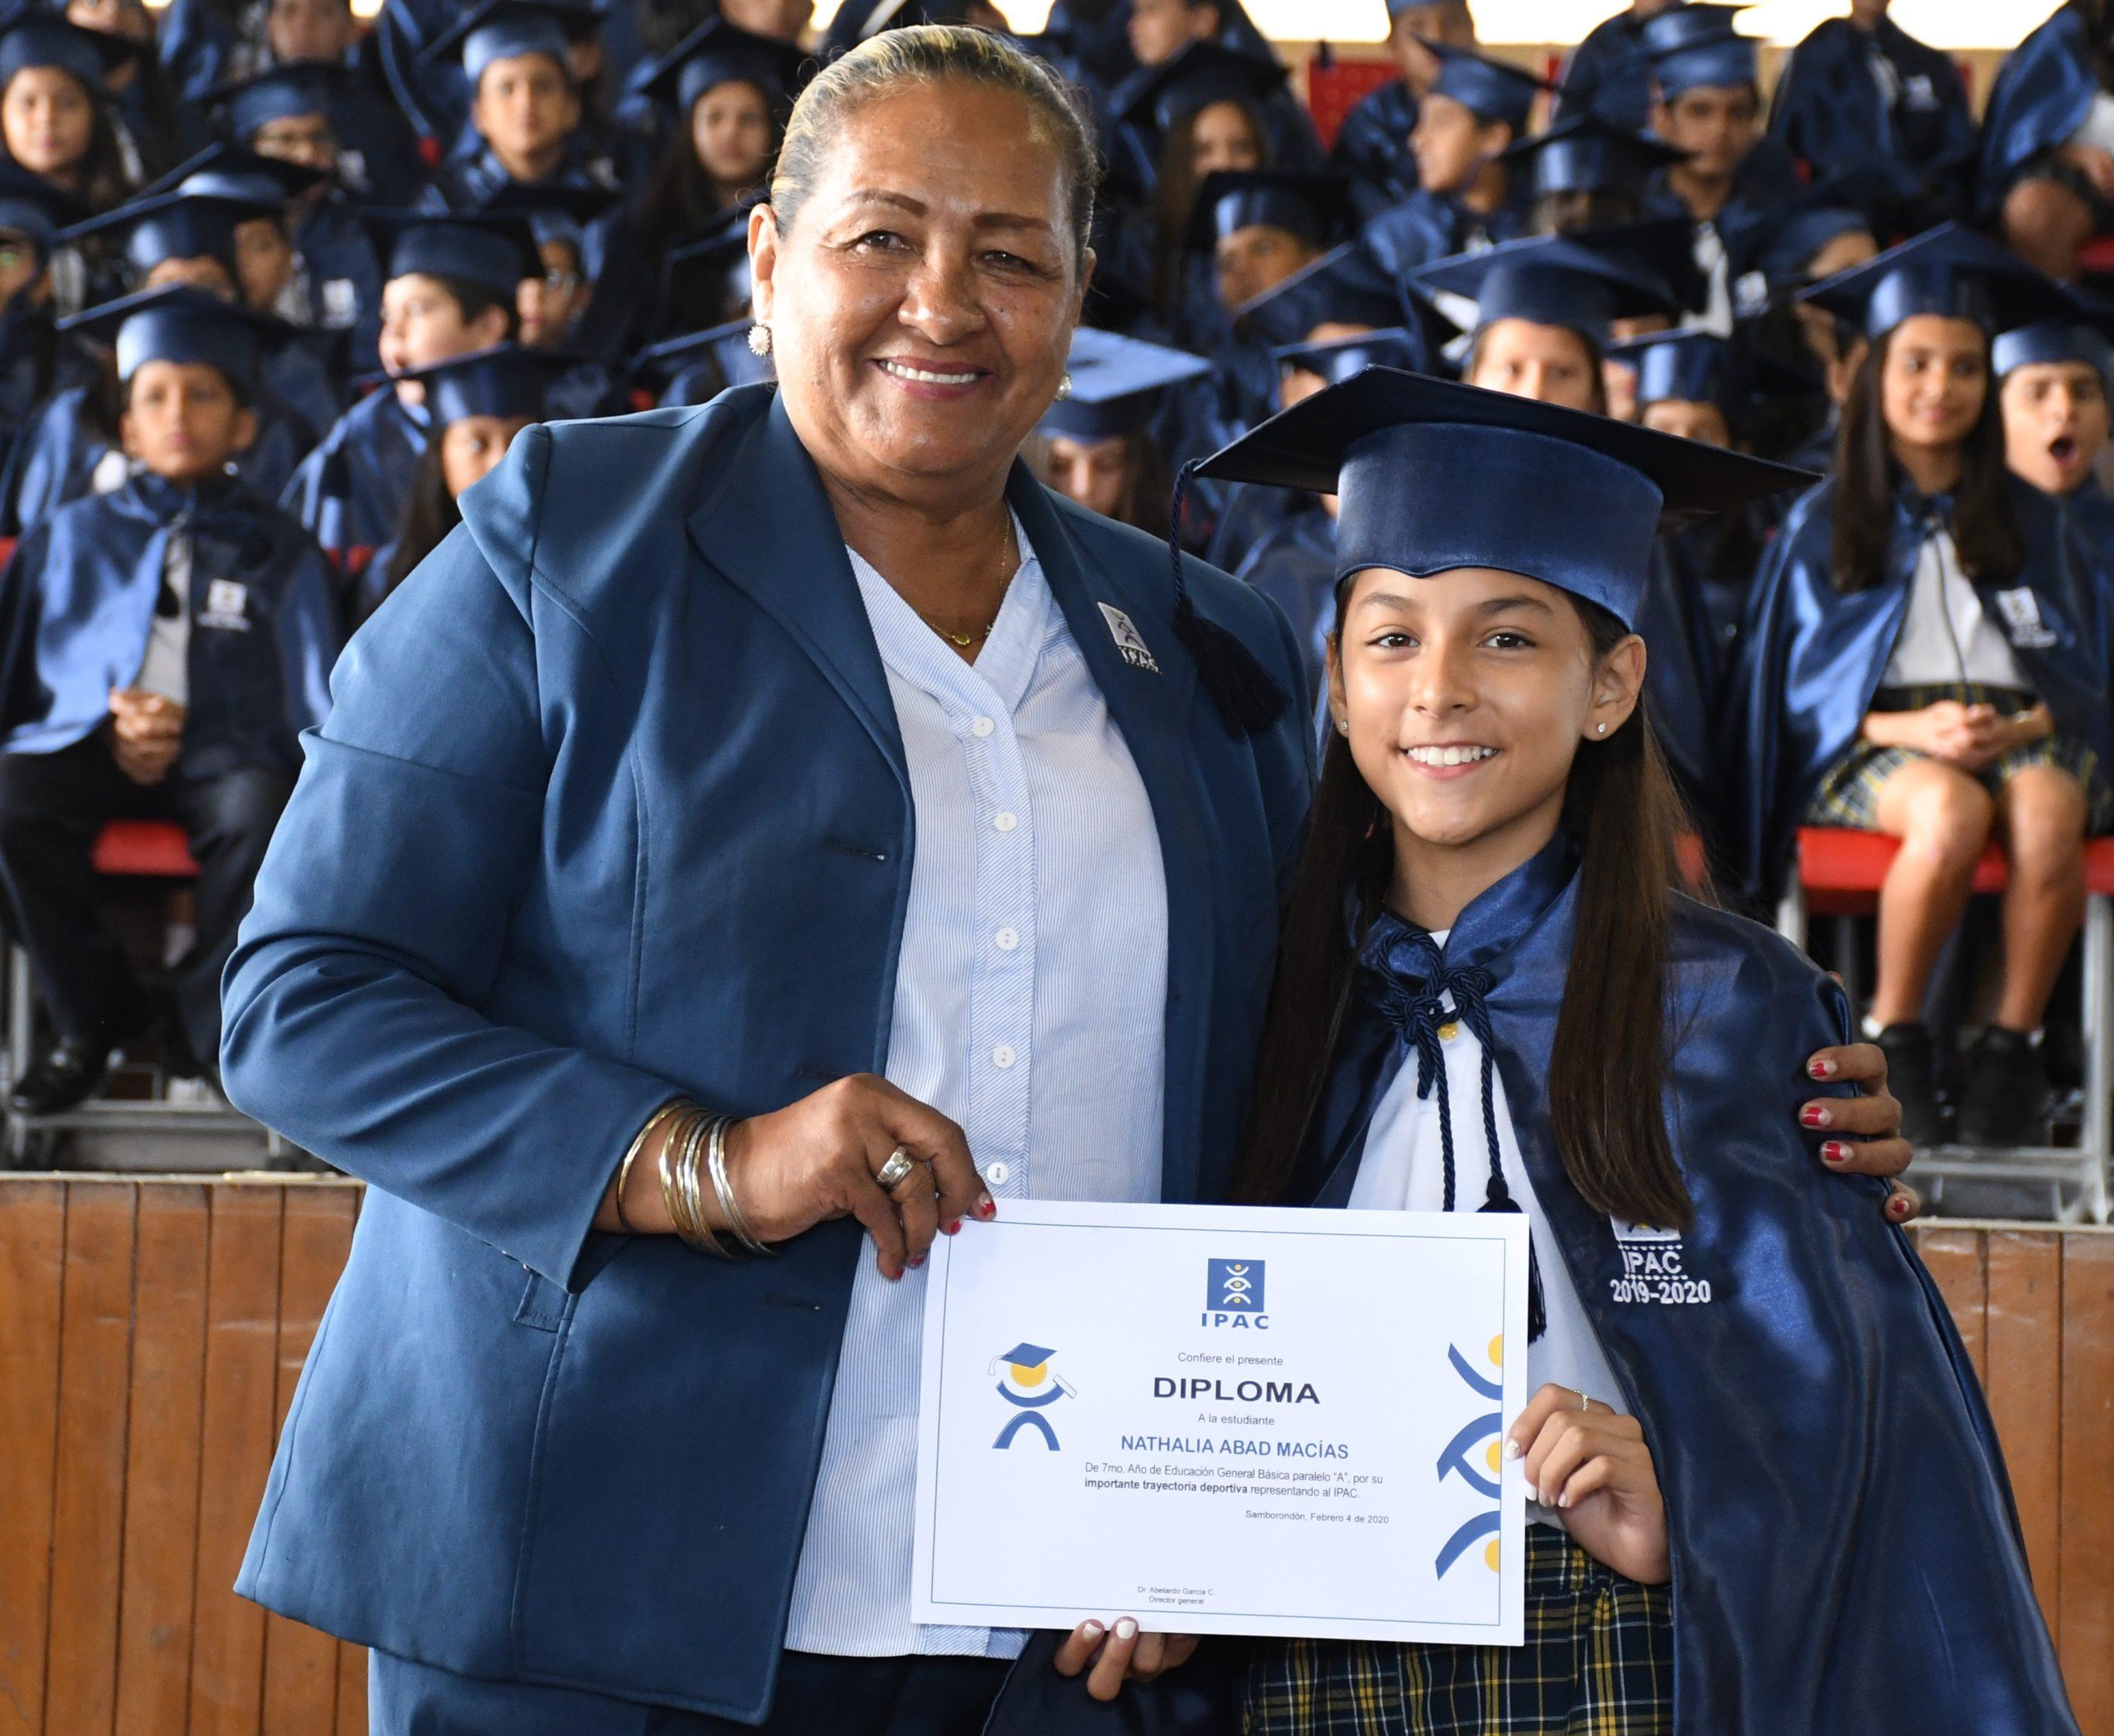 Entrega de reconocimiento a la Mejor Deportista Nathalia Abad Mac°as 7¯ EGB A junto a la Directora del Dpto. de Deportes Lcda. Victoria Piedrahita